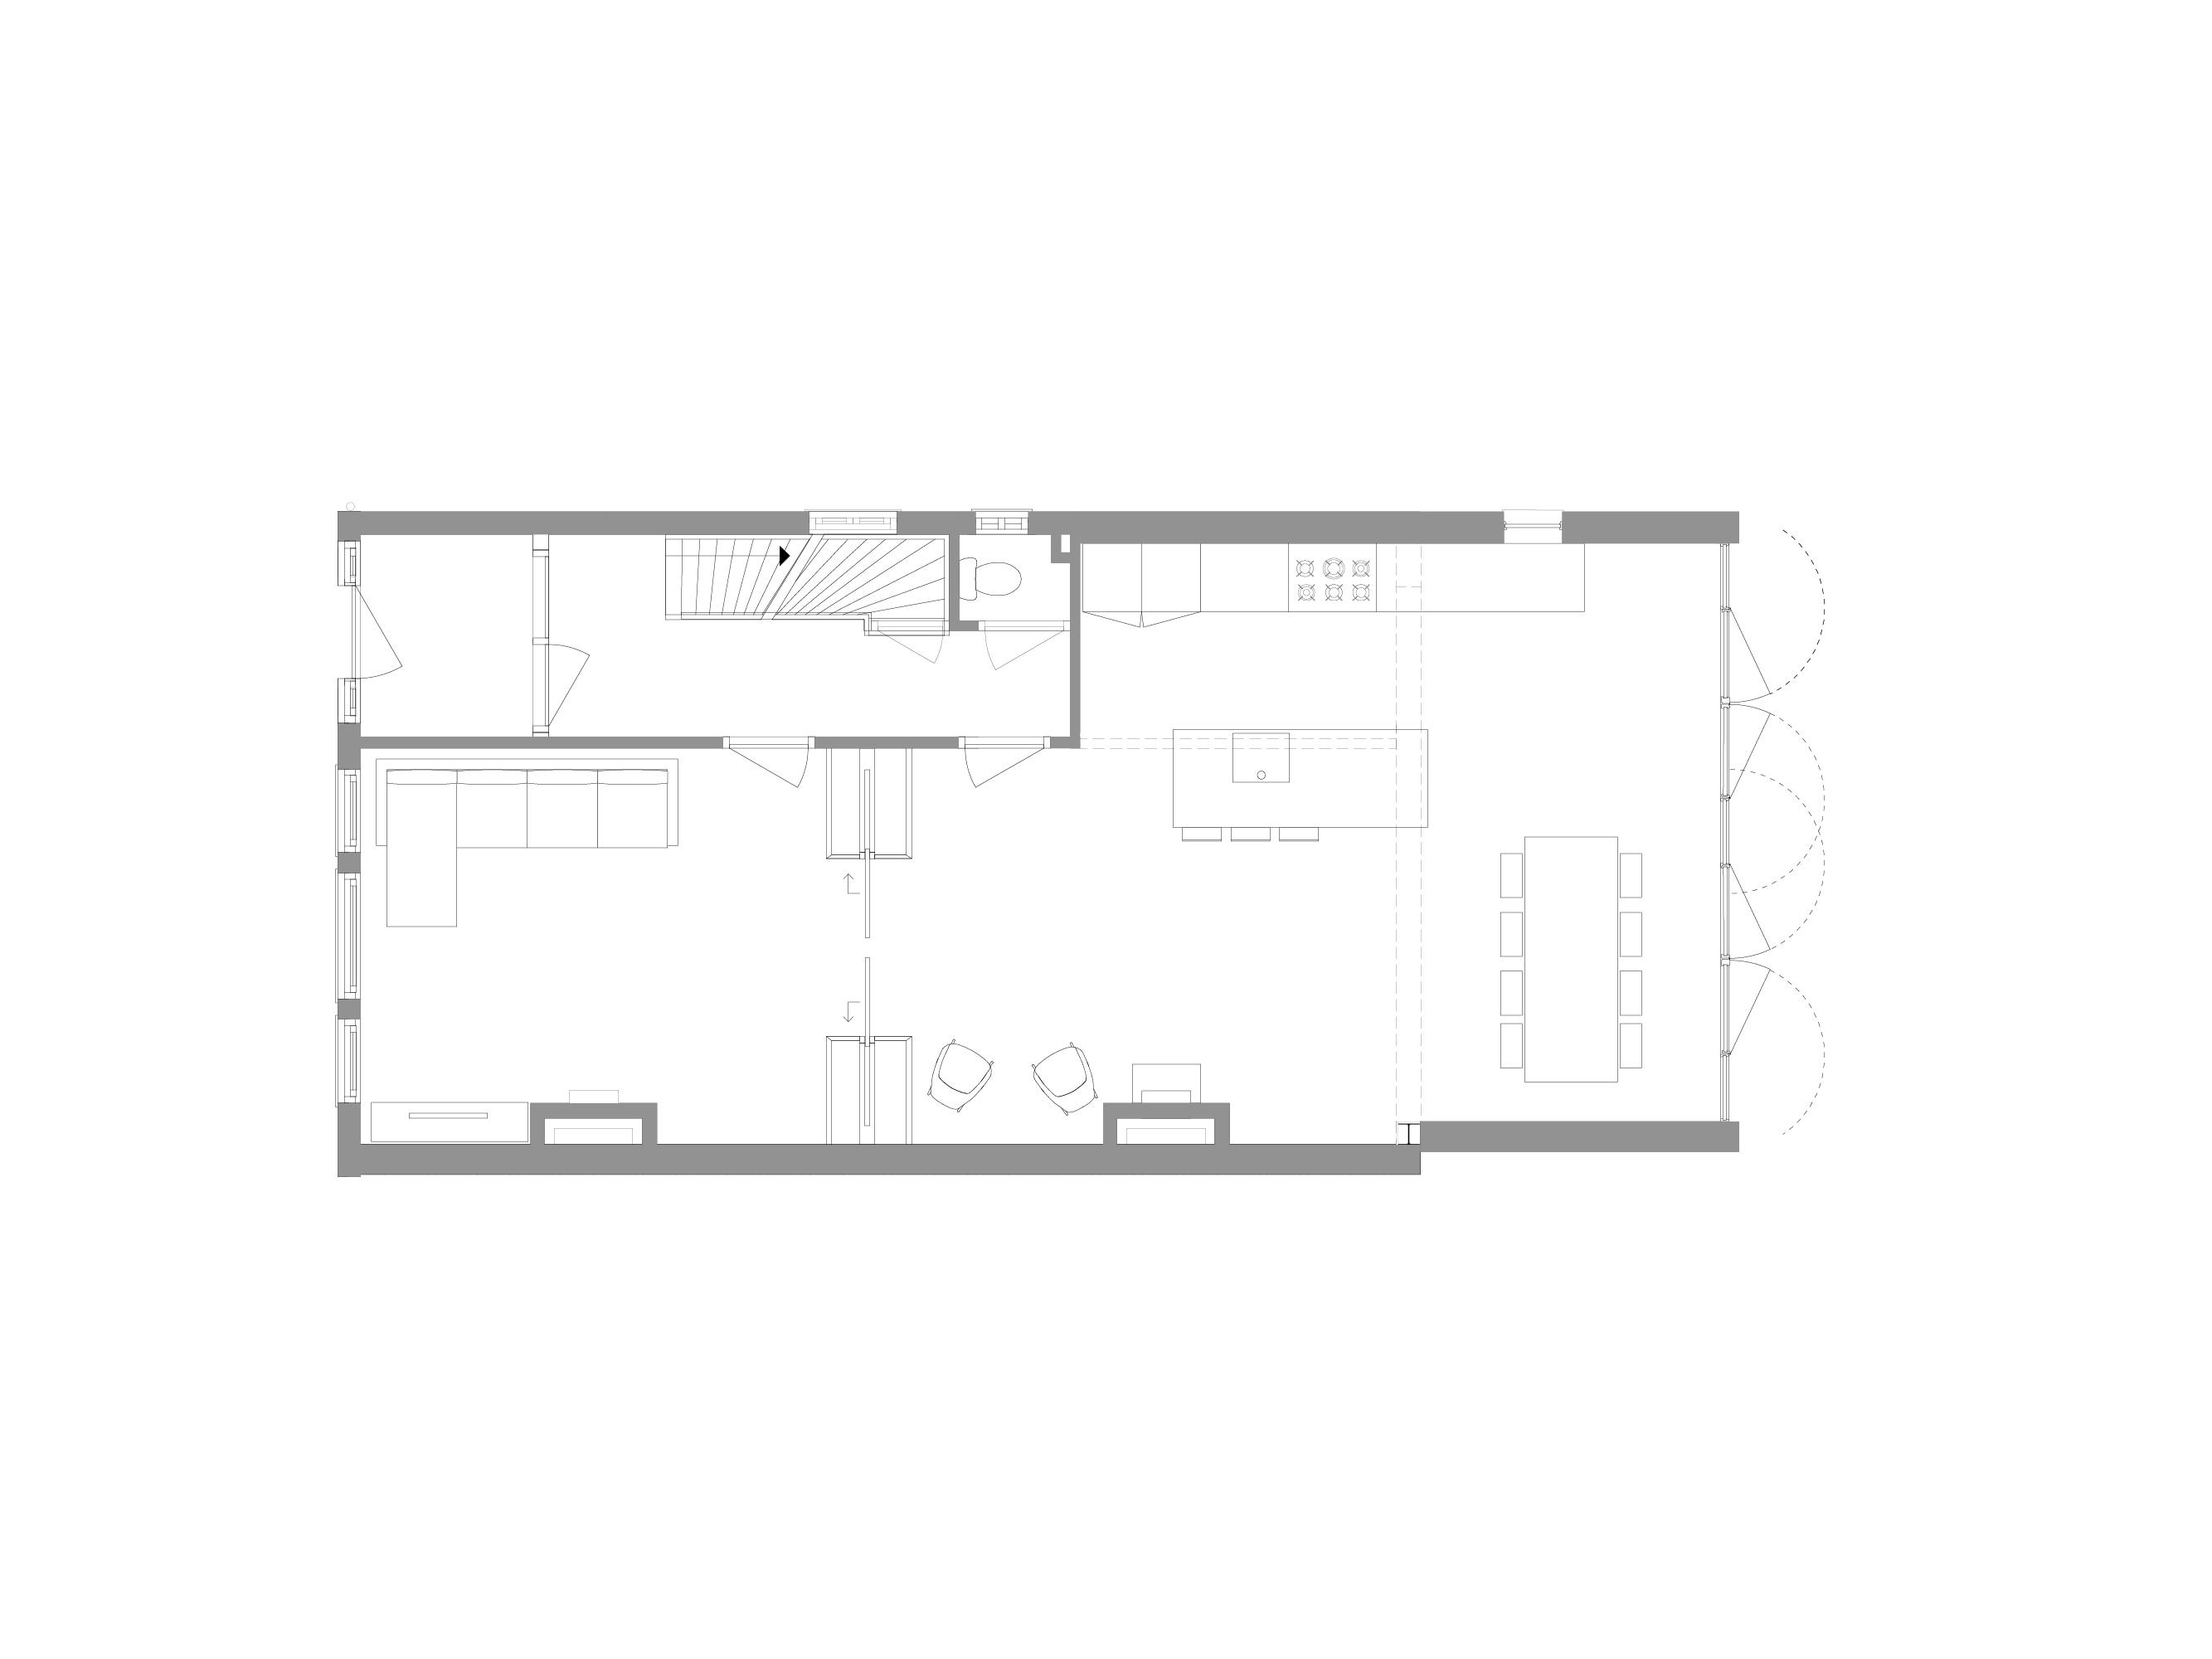 herenhuis met en suite en uitbouw voor woonkeuken